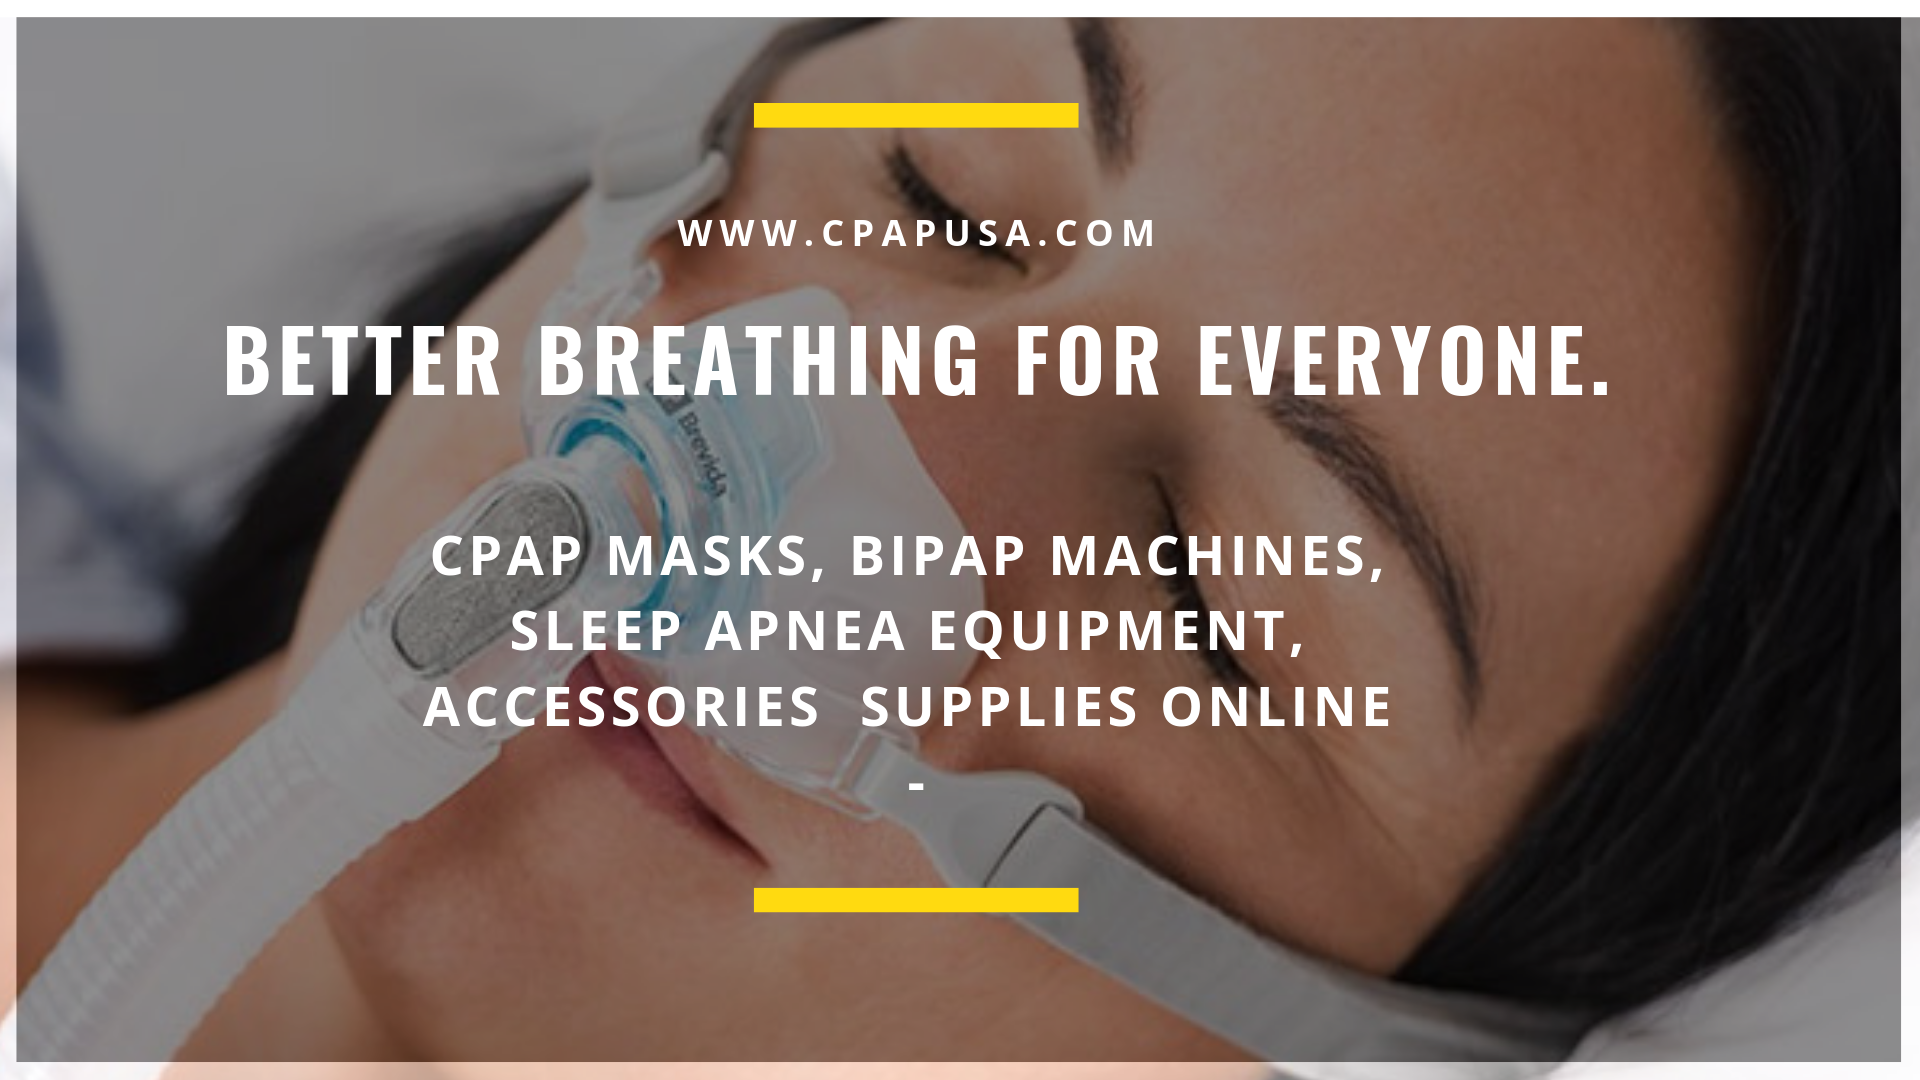 Mask Headgear Cpap Simplus Health Sleepapneaspecialist Sleepapneaawareness Cpap Sleep Apnea Cpap Mask